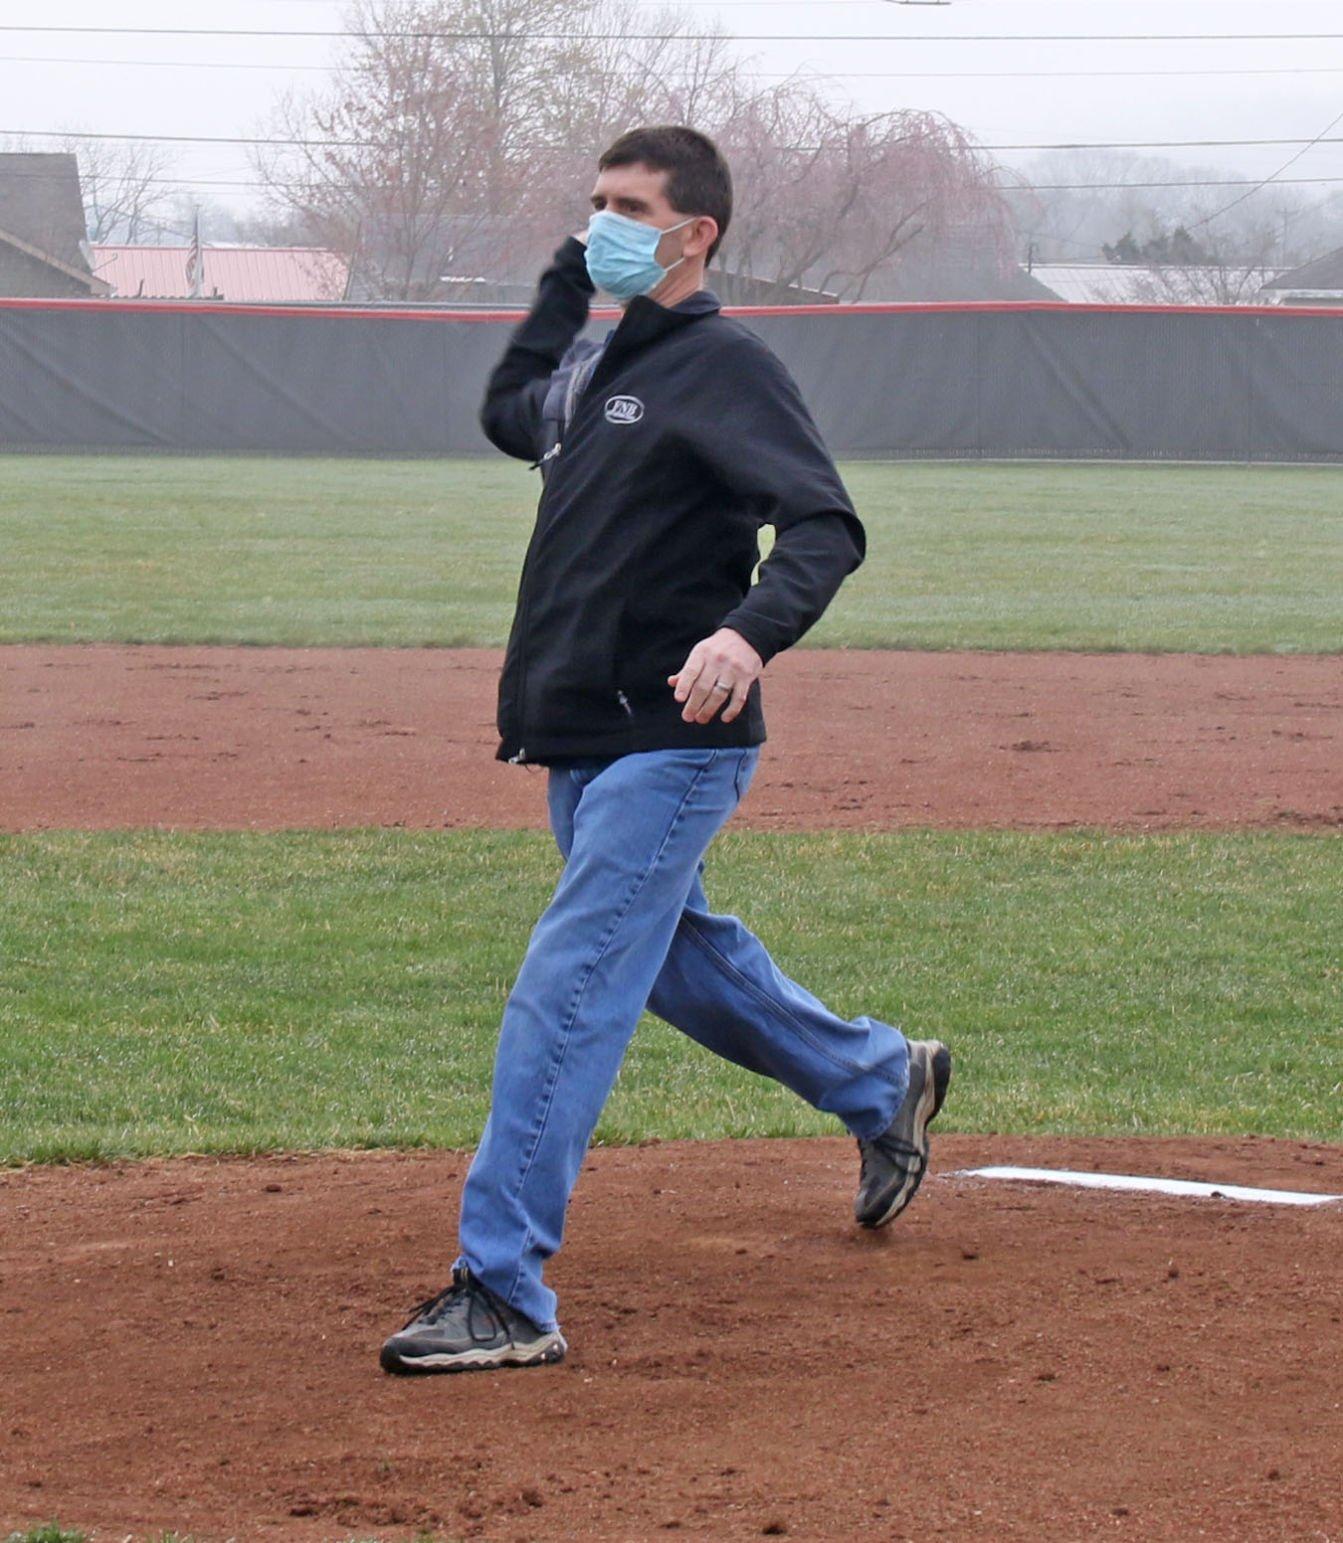 Brewster first pitch